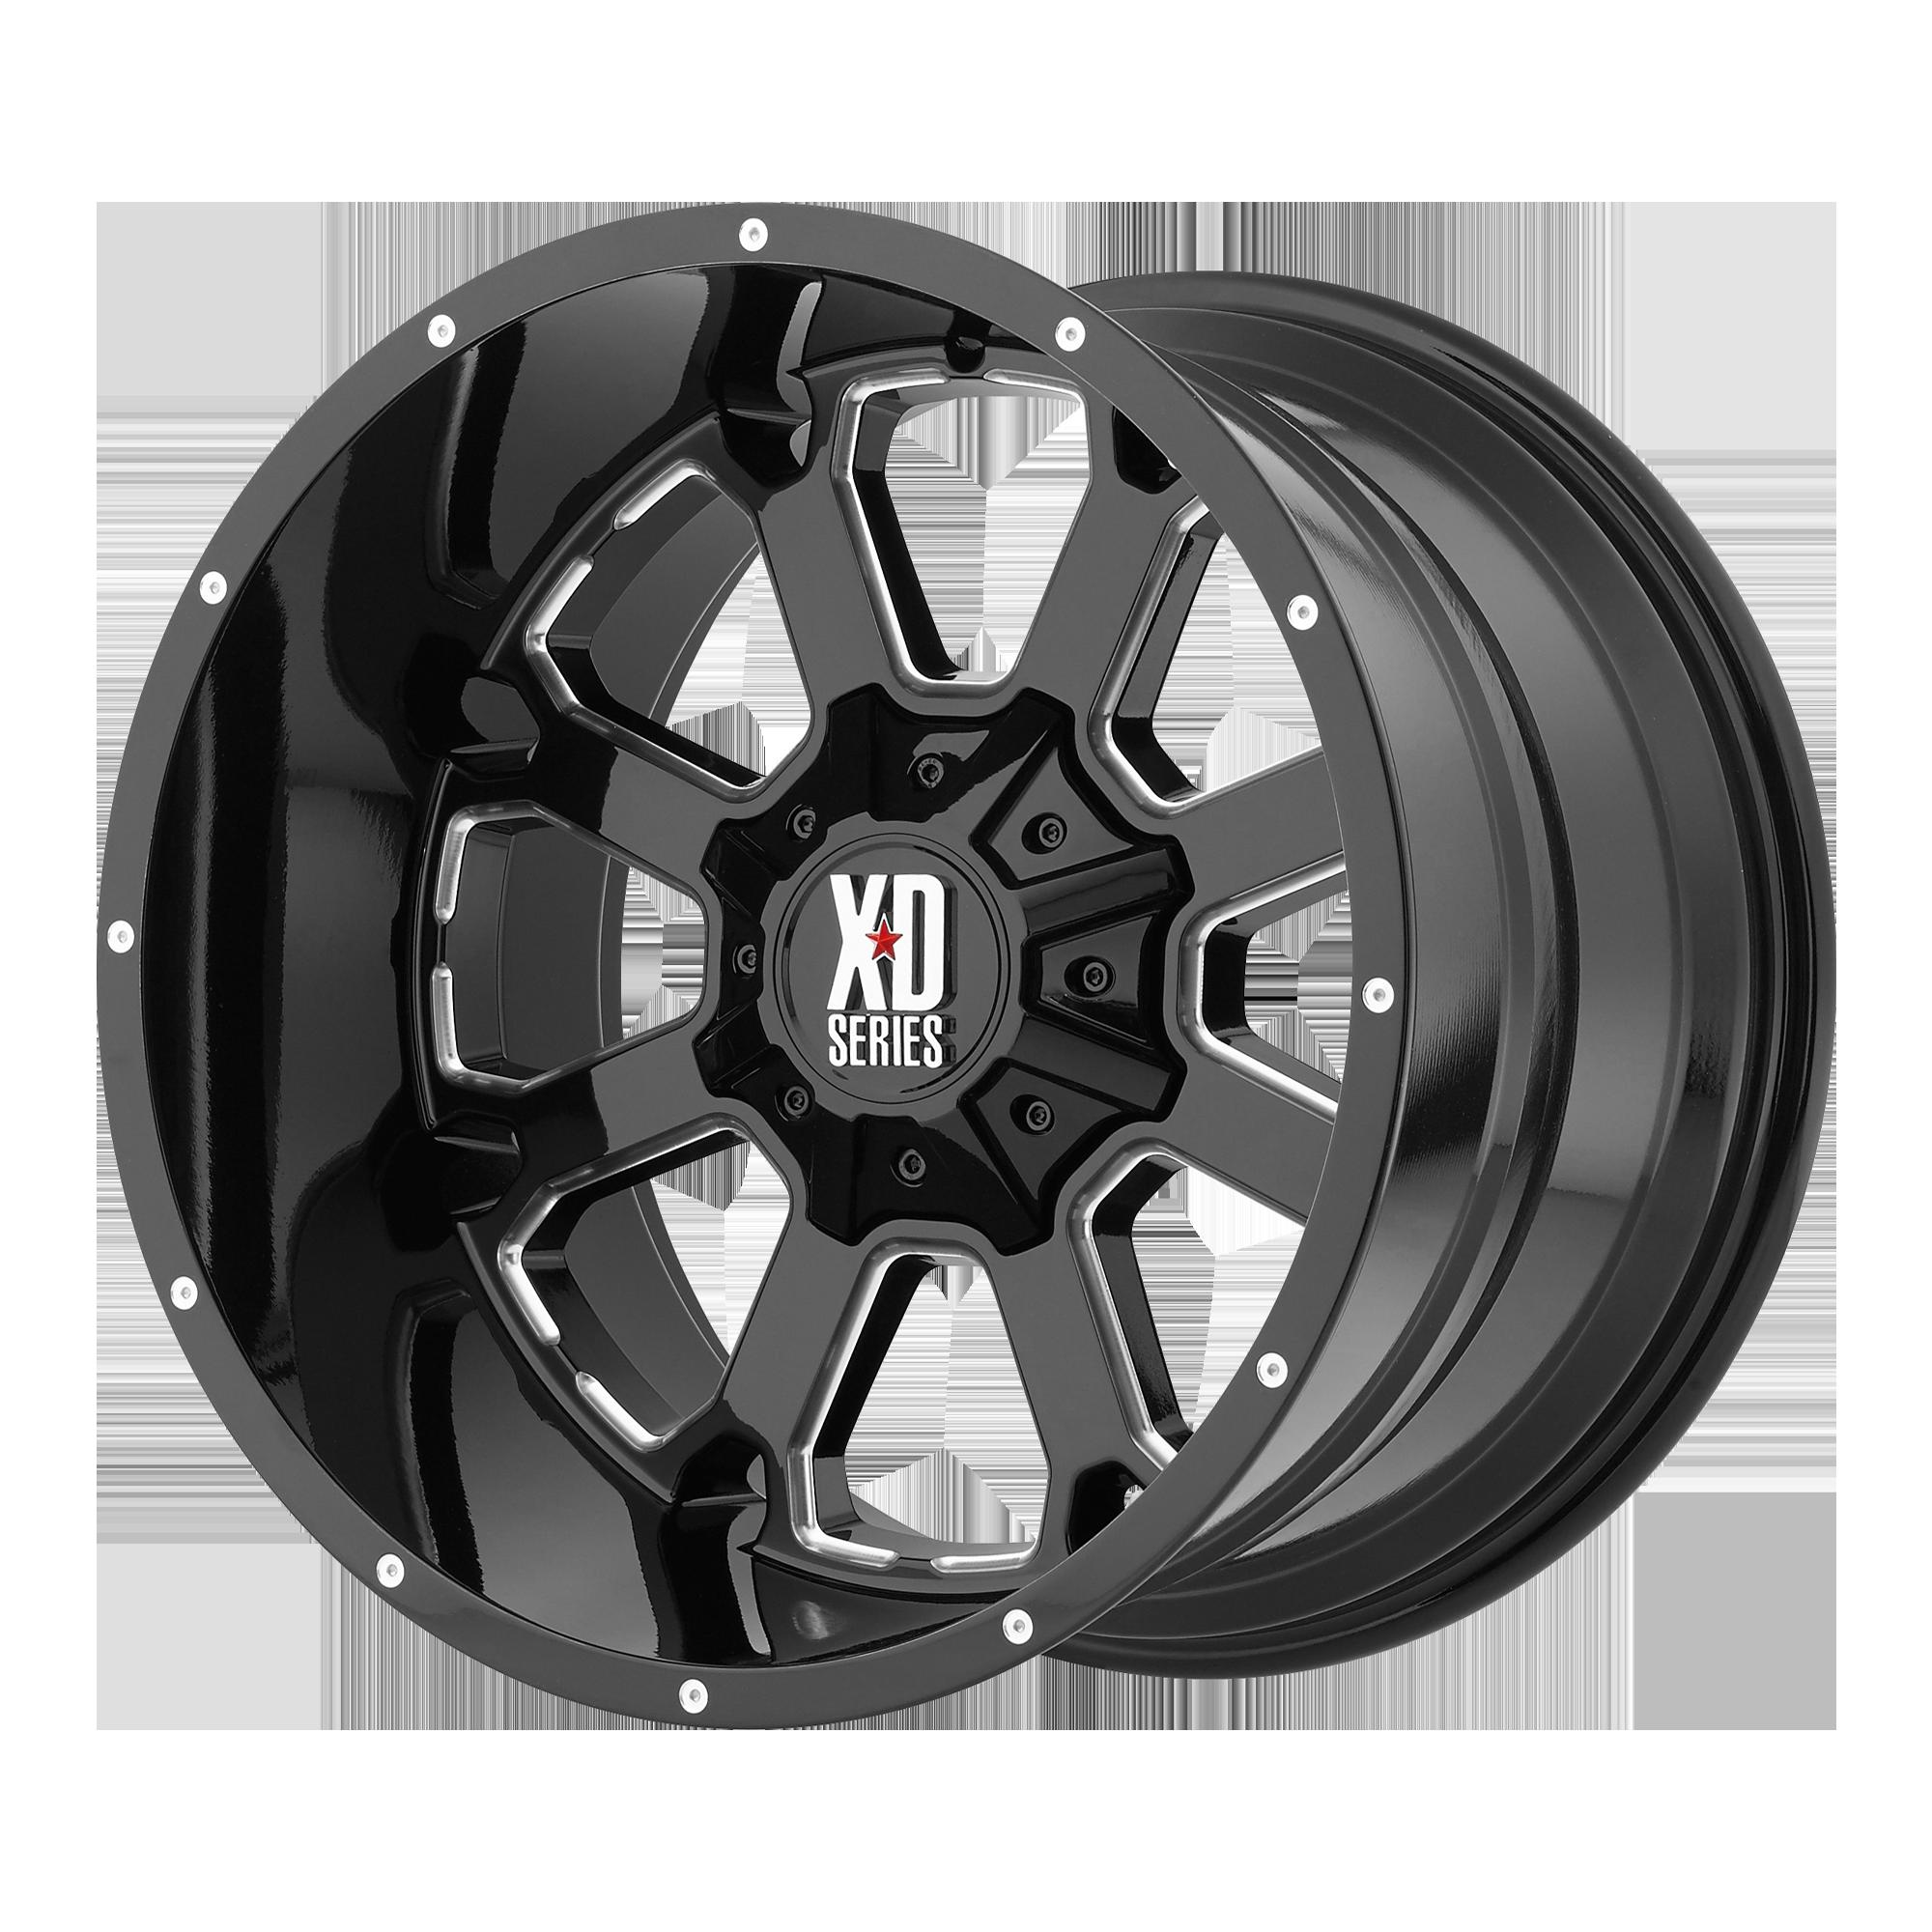 XD SERIES XD825 BUCK 25 hliníkové disky 12x20 5x150 ET-44 Gloss Black Milled